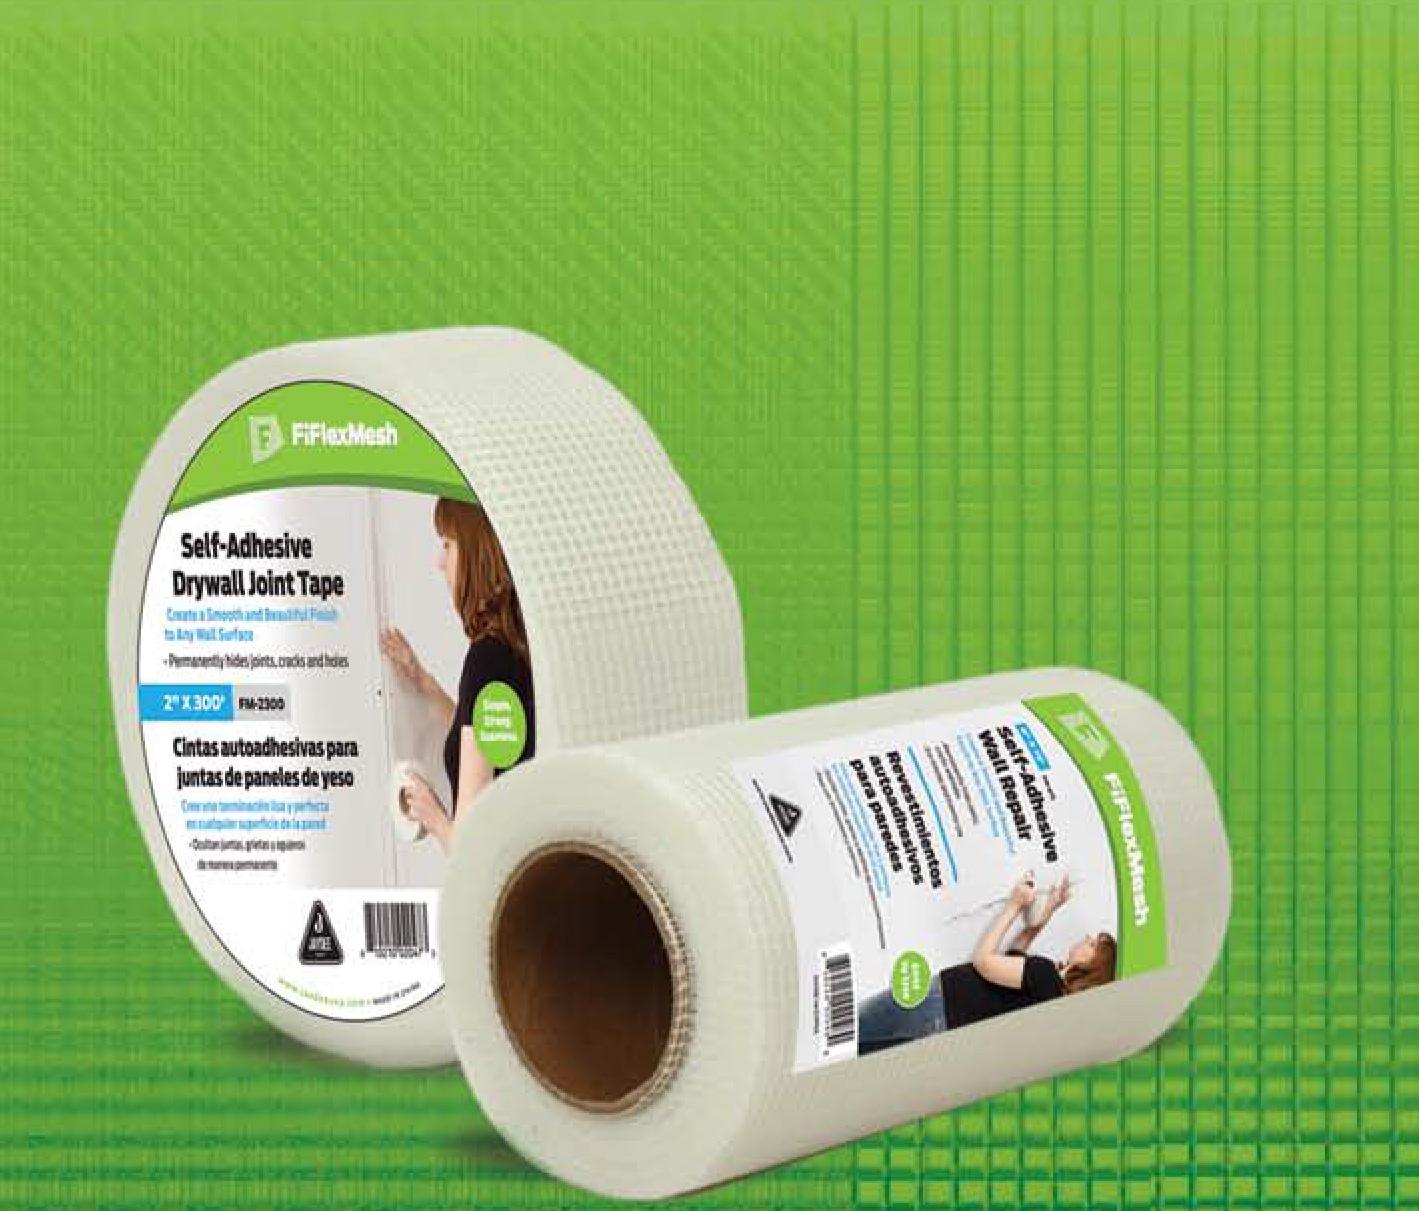 fiberglass-mesh-tape